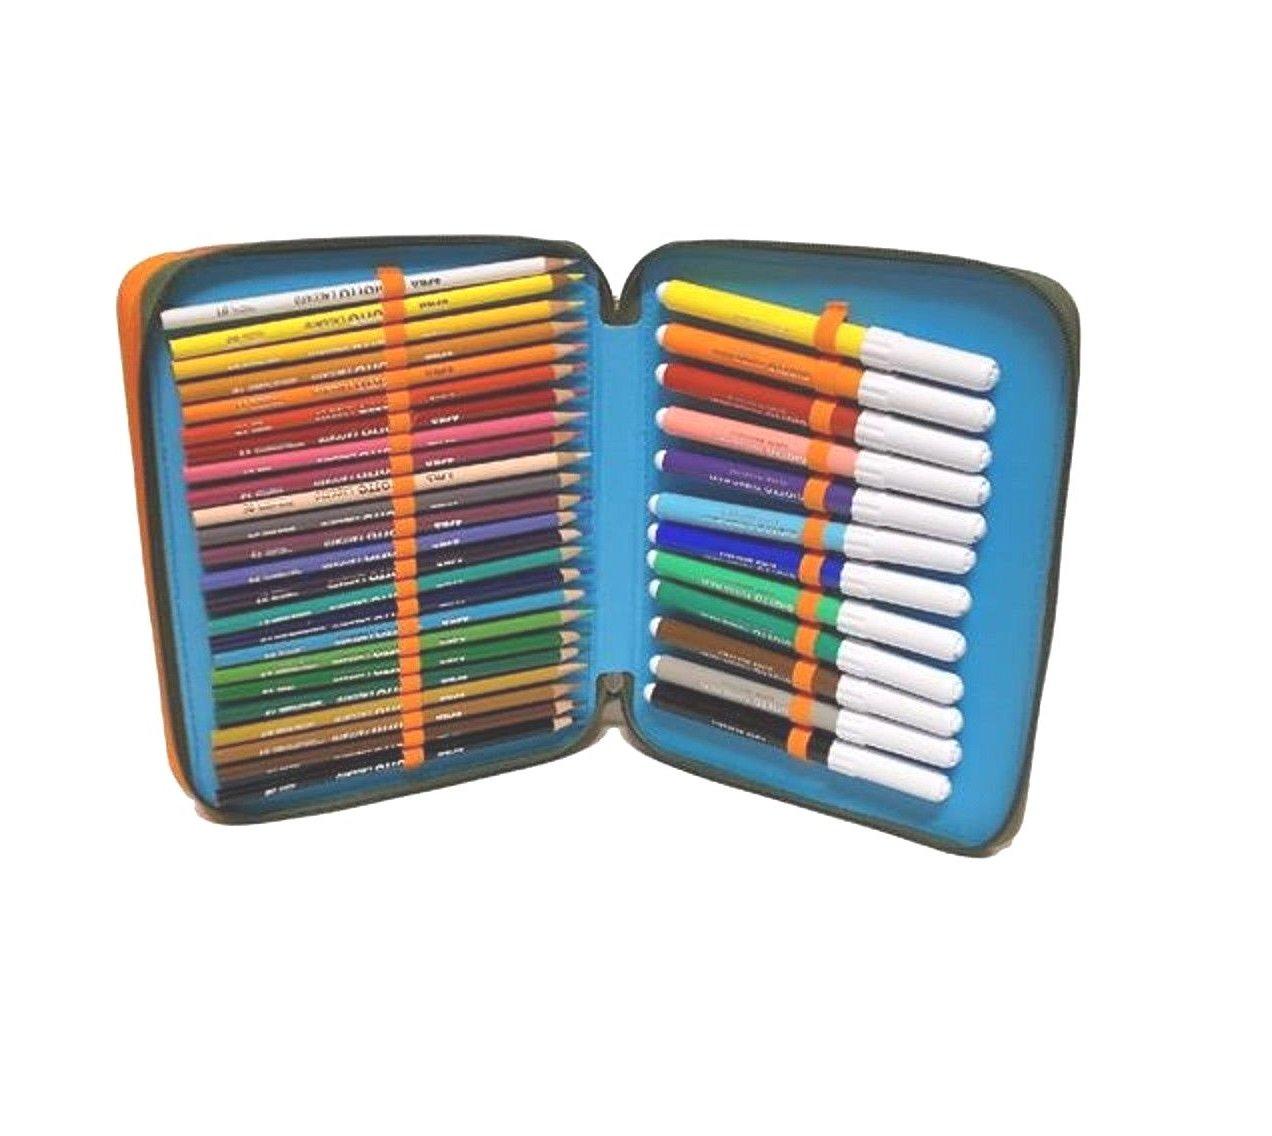 Mochila escolar WWF Adventure Original aventuras Panini niño Boy + Estuche 2 pisos completo + incluye lápiz purpurina + Postal WWF: Amazon.es: Oficina y ...